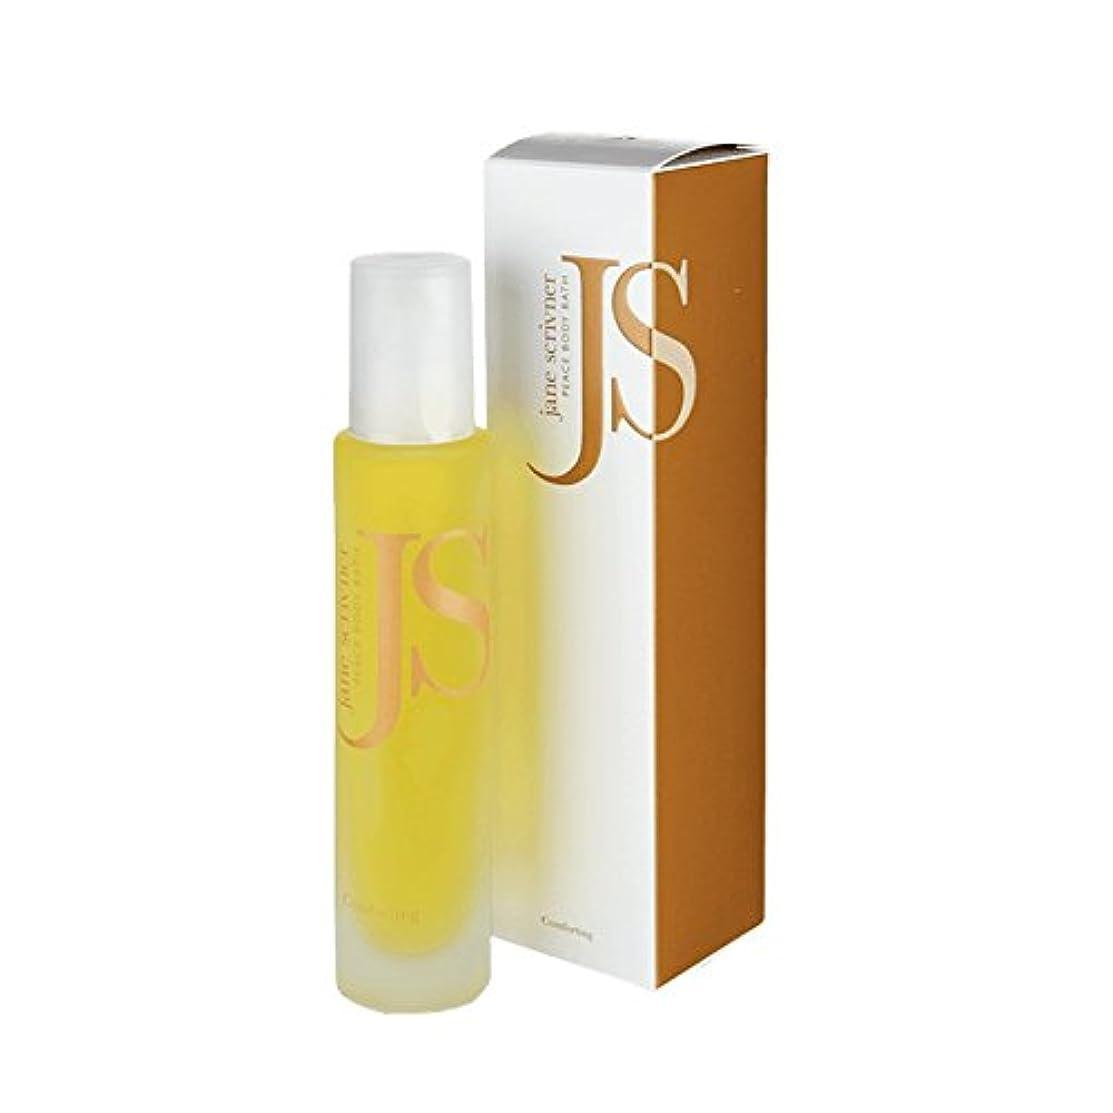 不正直飾り羽半導体Jane Scrivner Body Bath Oil Peace 100ml (Pack of 6) - ジェーンScrivnerボディバスオイル平和100ミリリットル (x6) [並行輸入品]